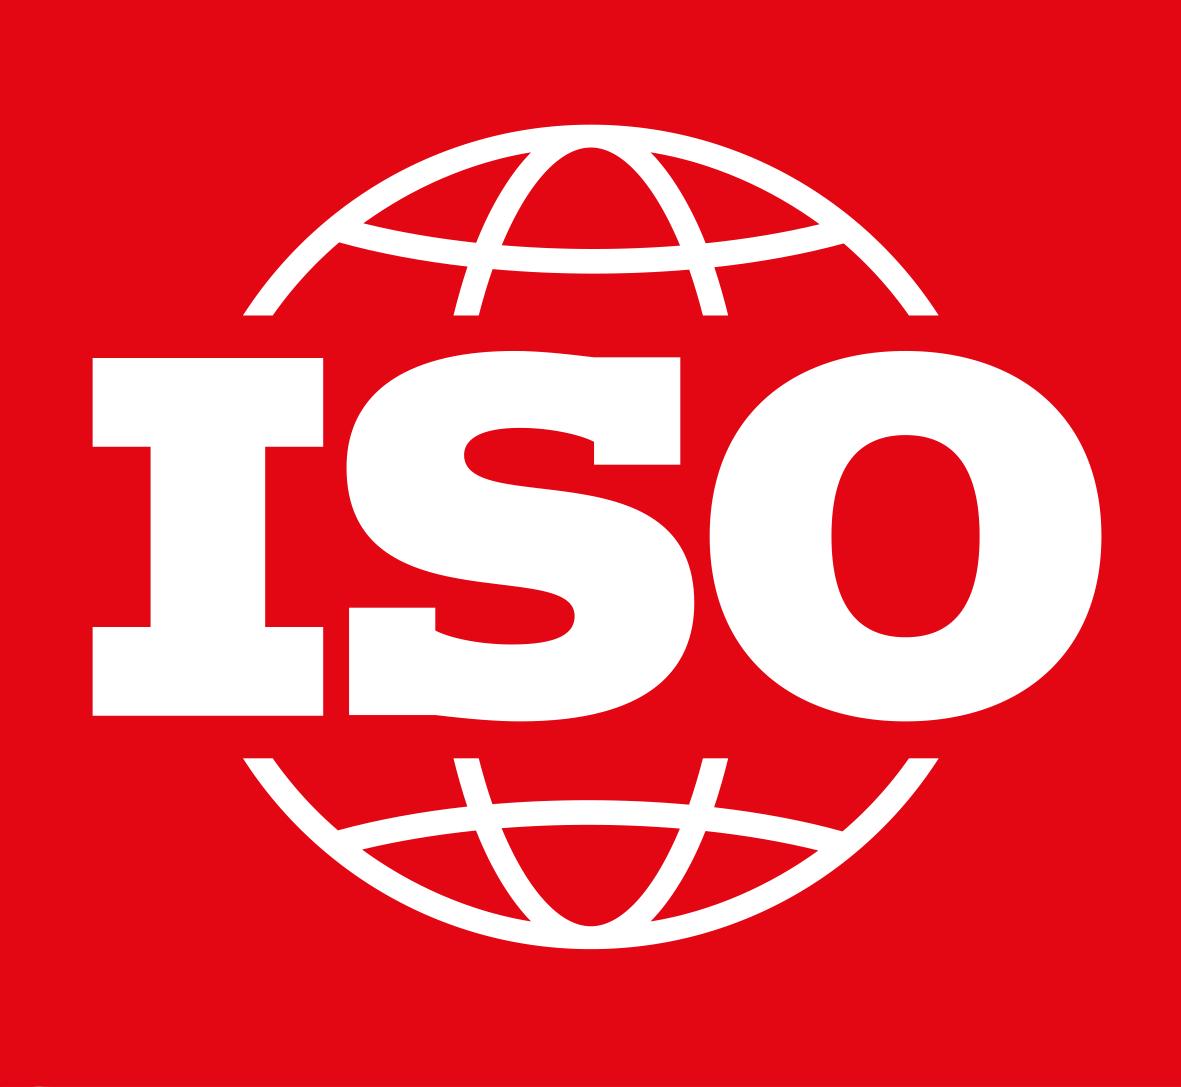 An Toàn Thực Phẩm và Các Tiêu Chuẩn Dành Cho Nhà Máy Chế Biến Thực Phẩm - Tiêu Chuẩn ISO